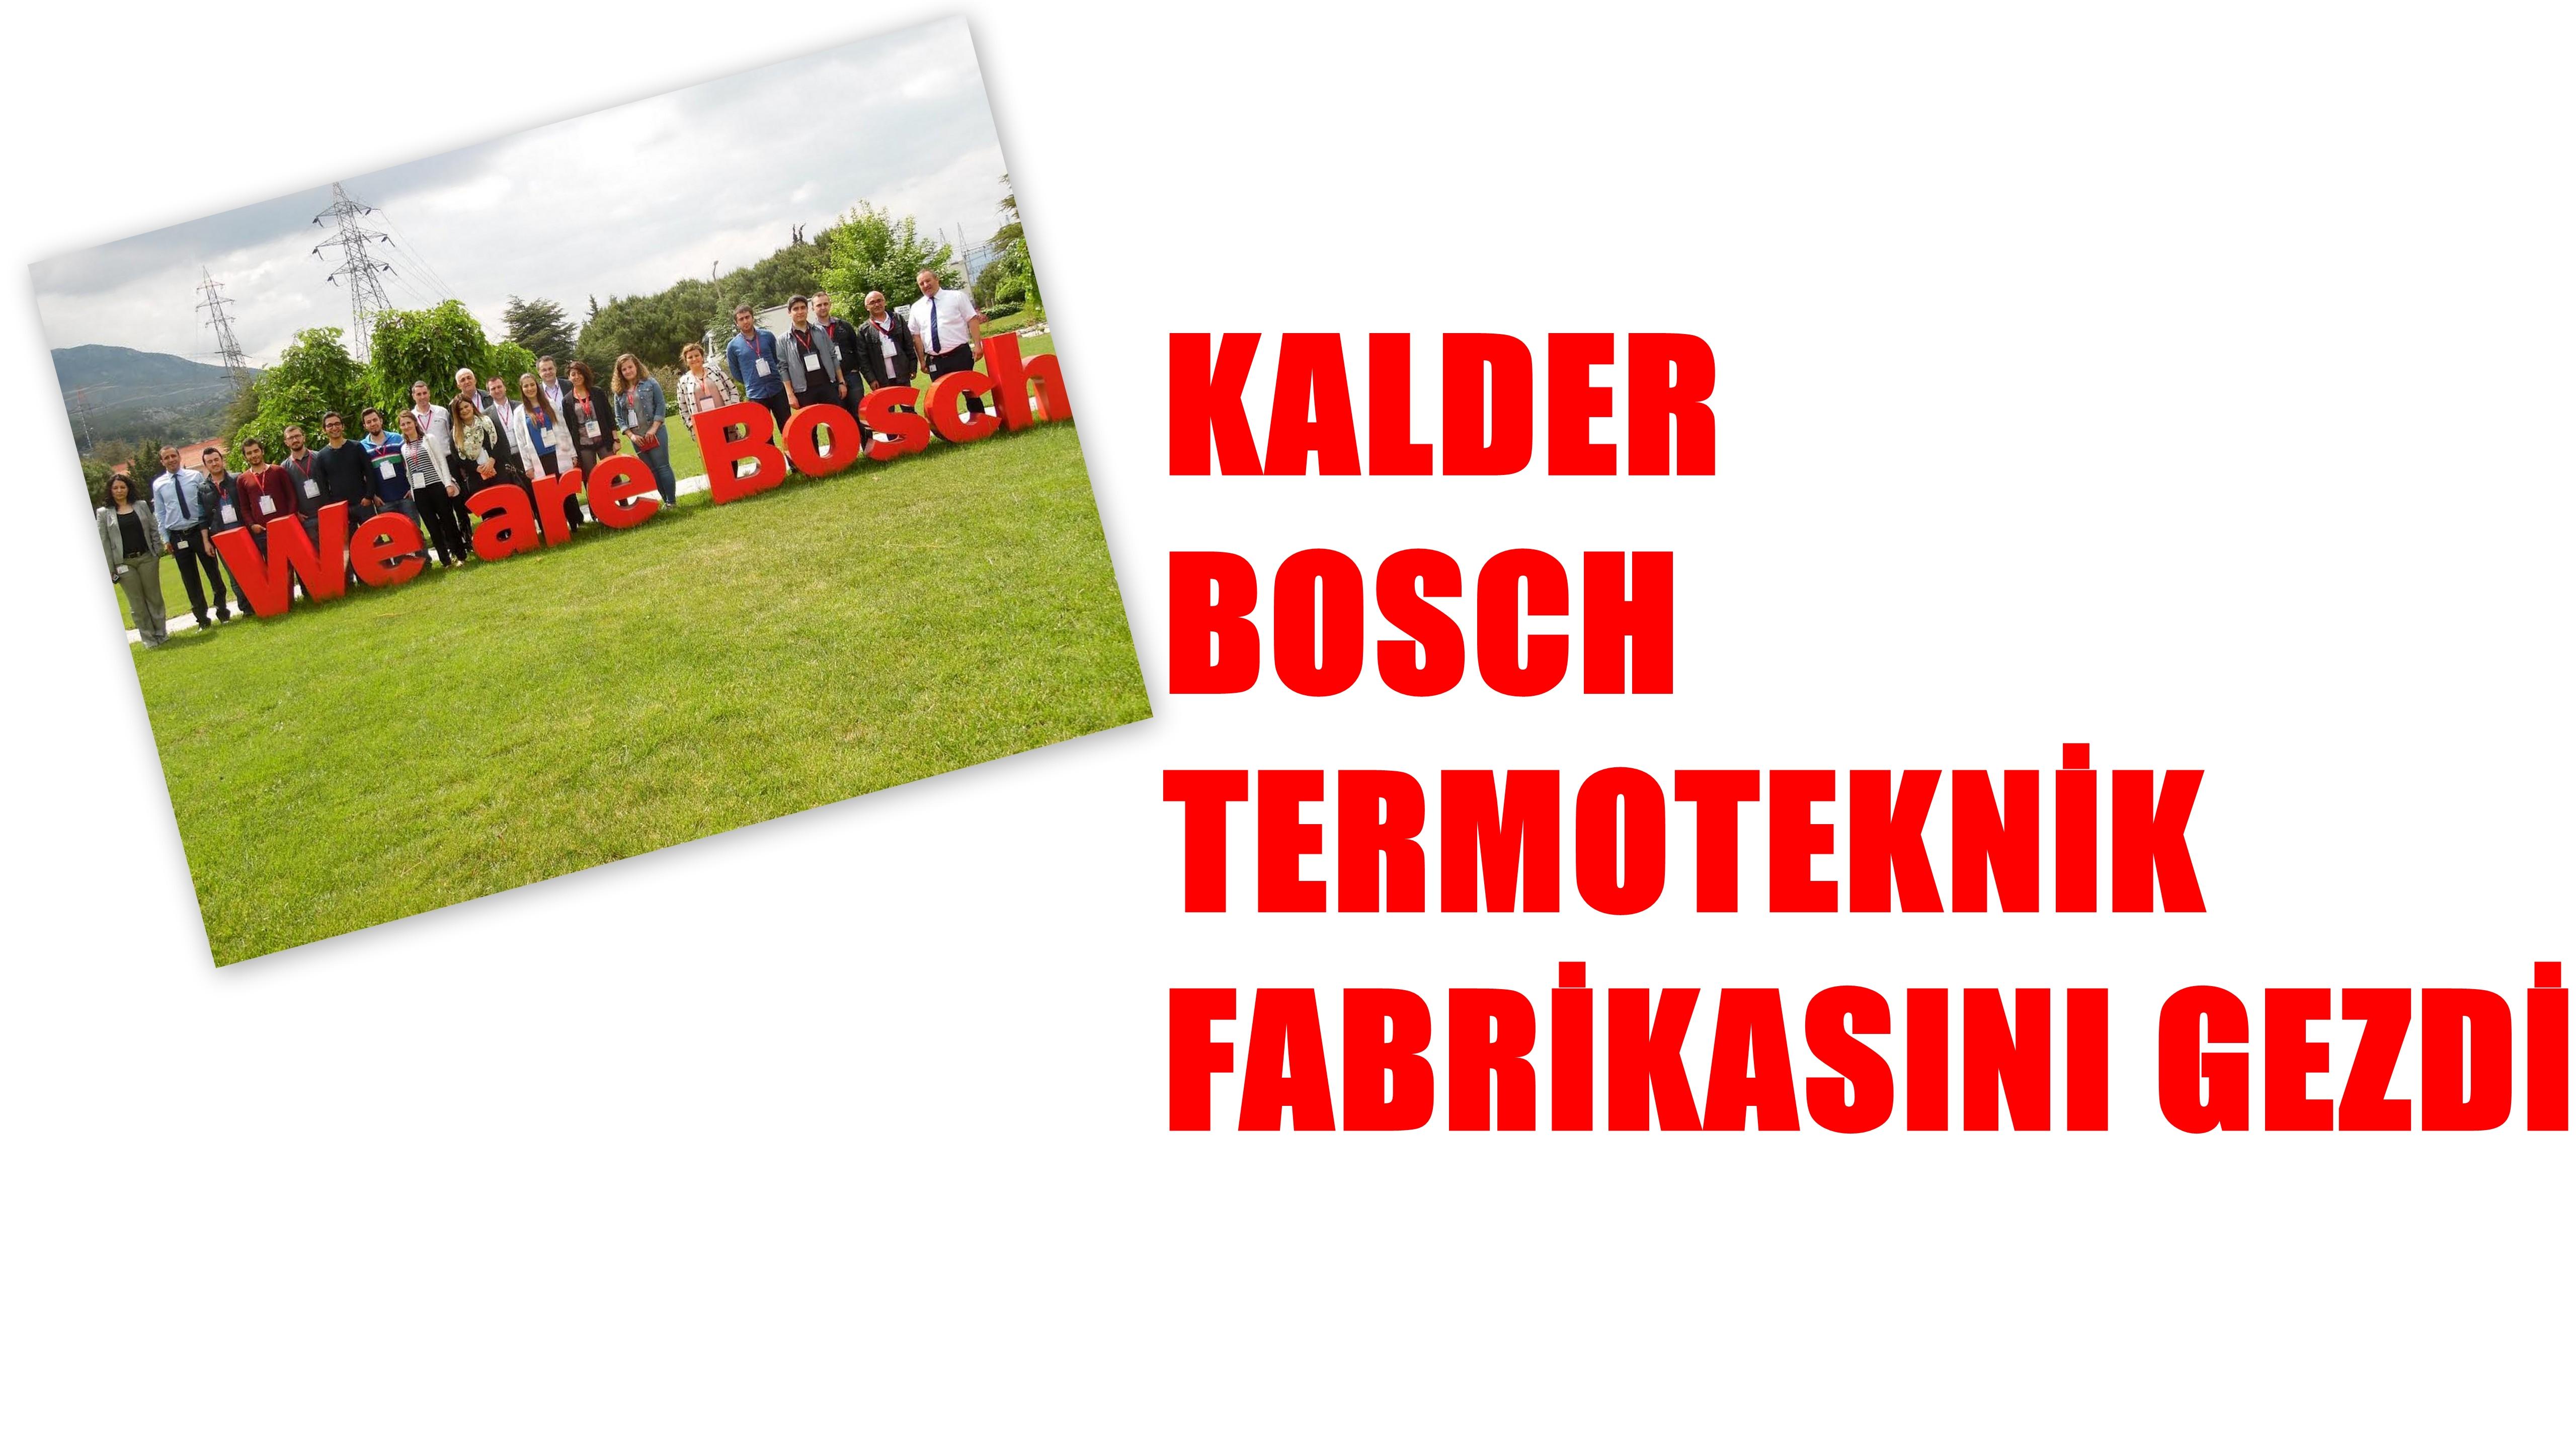 KalDer, Bosch Termoteknik Fabrikasını Gezdi,